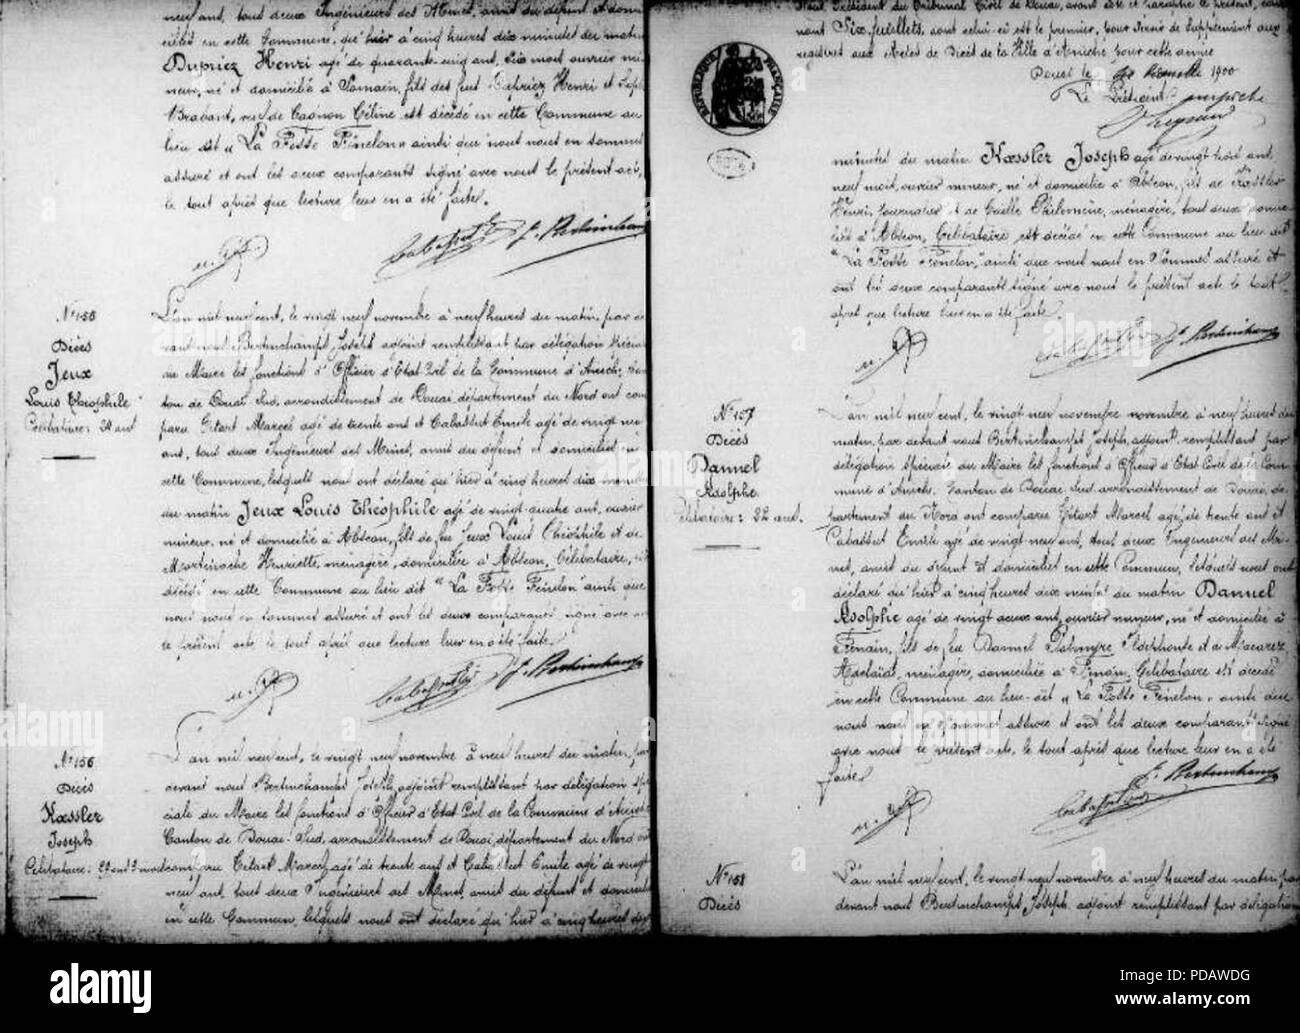 Aniche - Actes de décés décembre 1900 de 154 à 158 Dupriez henri -Jeux Louis - Koesler Joseph - Dannel Adolphe. - Stock Image